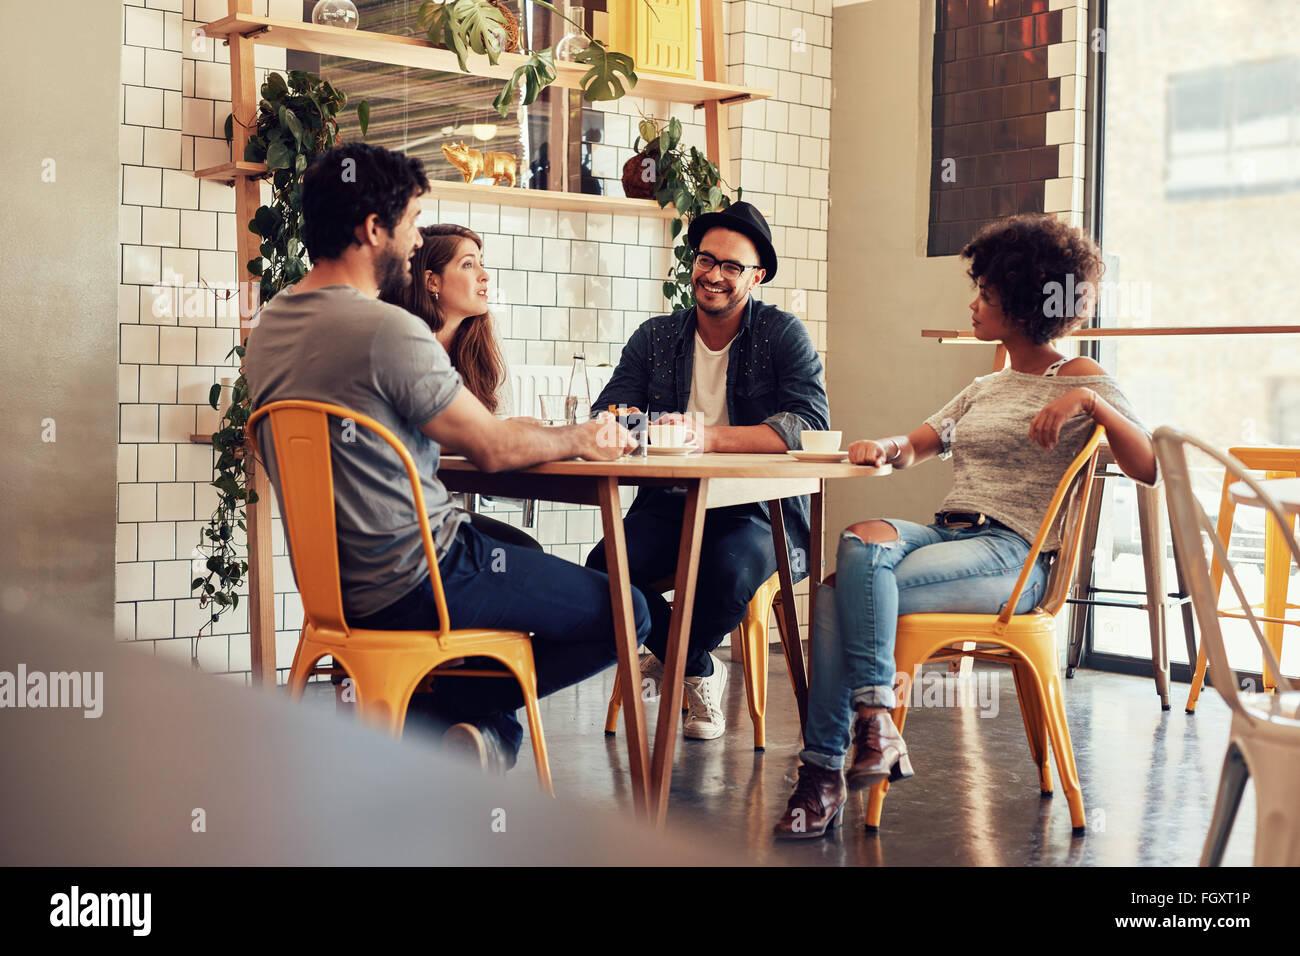 Les jeunes gens assis à une table de café. Groupe d'amis parler dans un café. Photo Stock